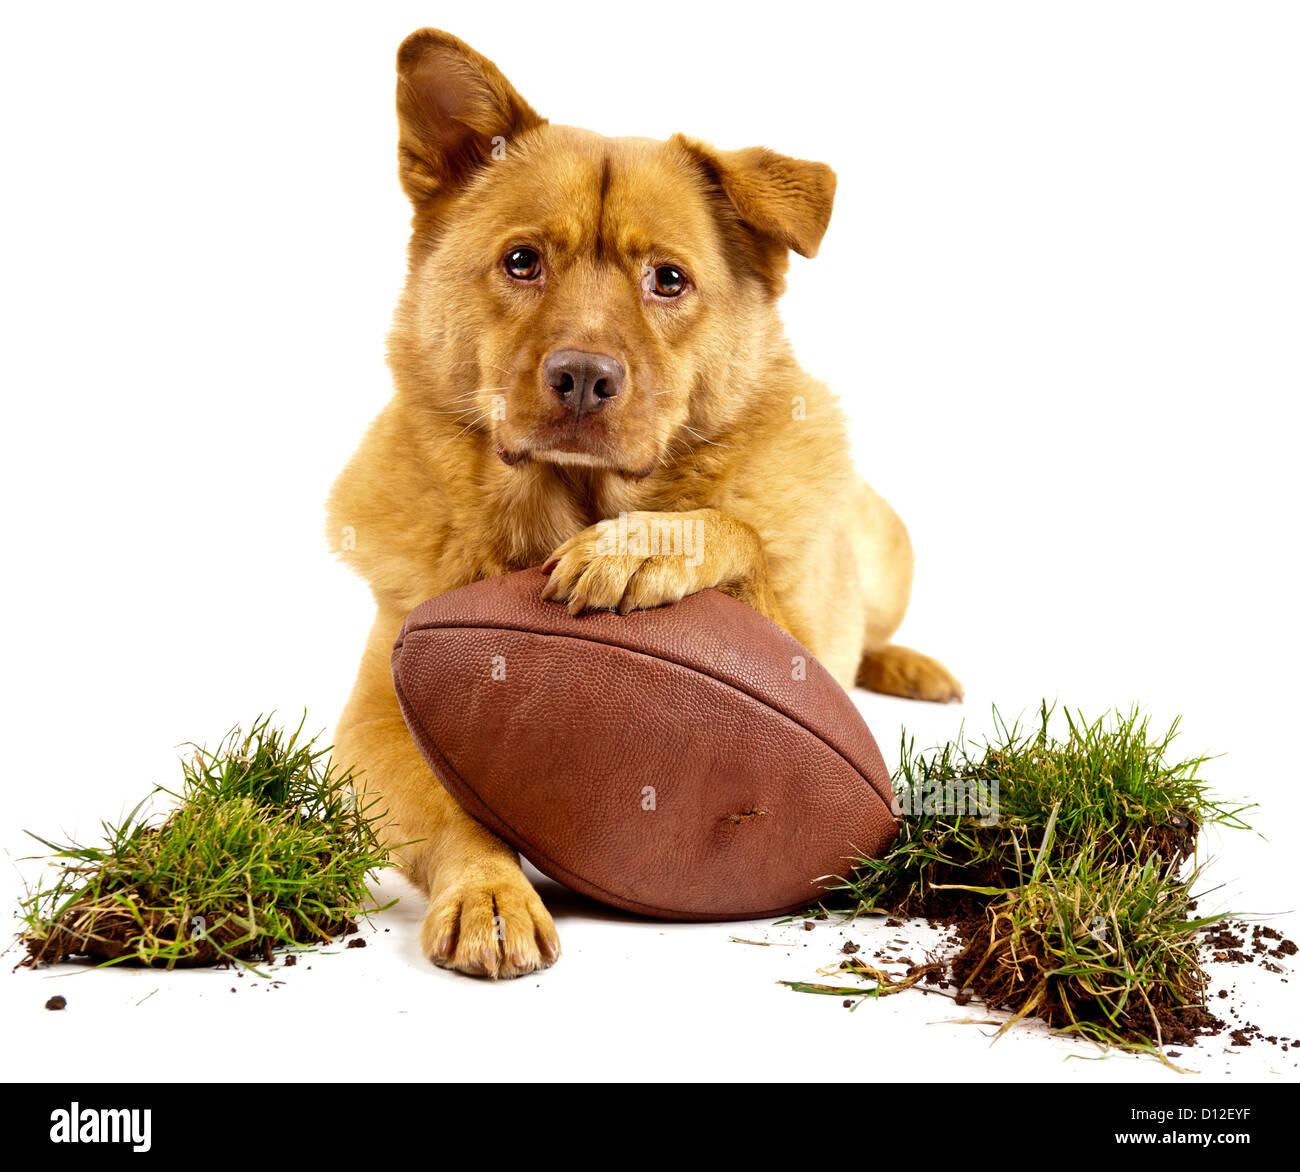 Cane in posa con il calcio e con zolle d'erba. Isolato su bianco Immagini Stock